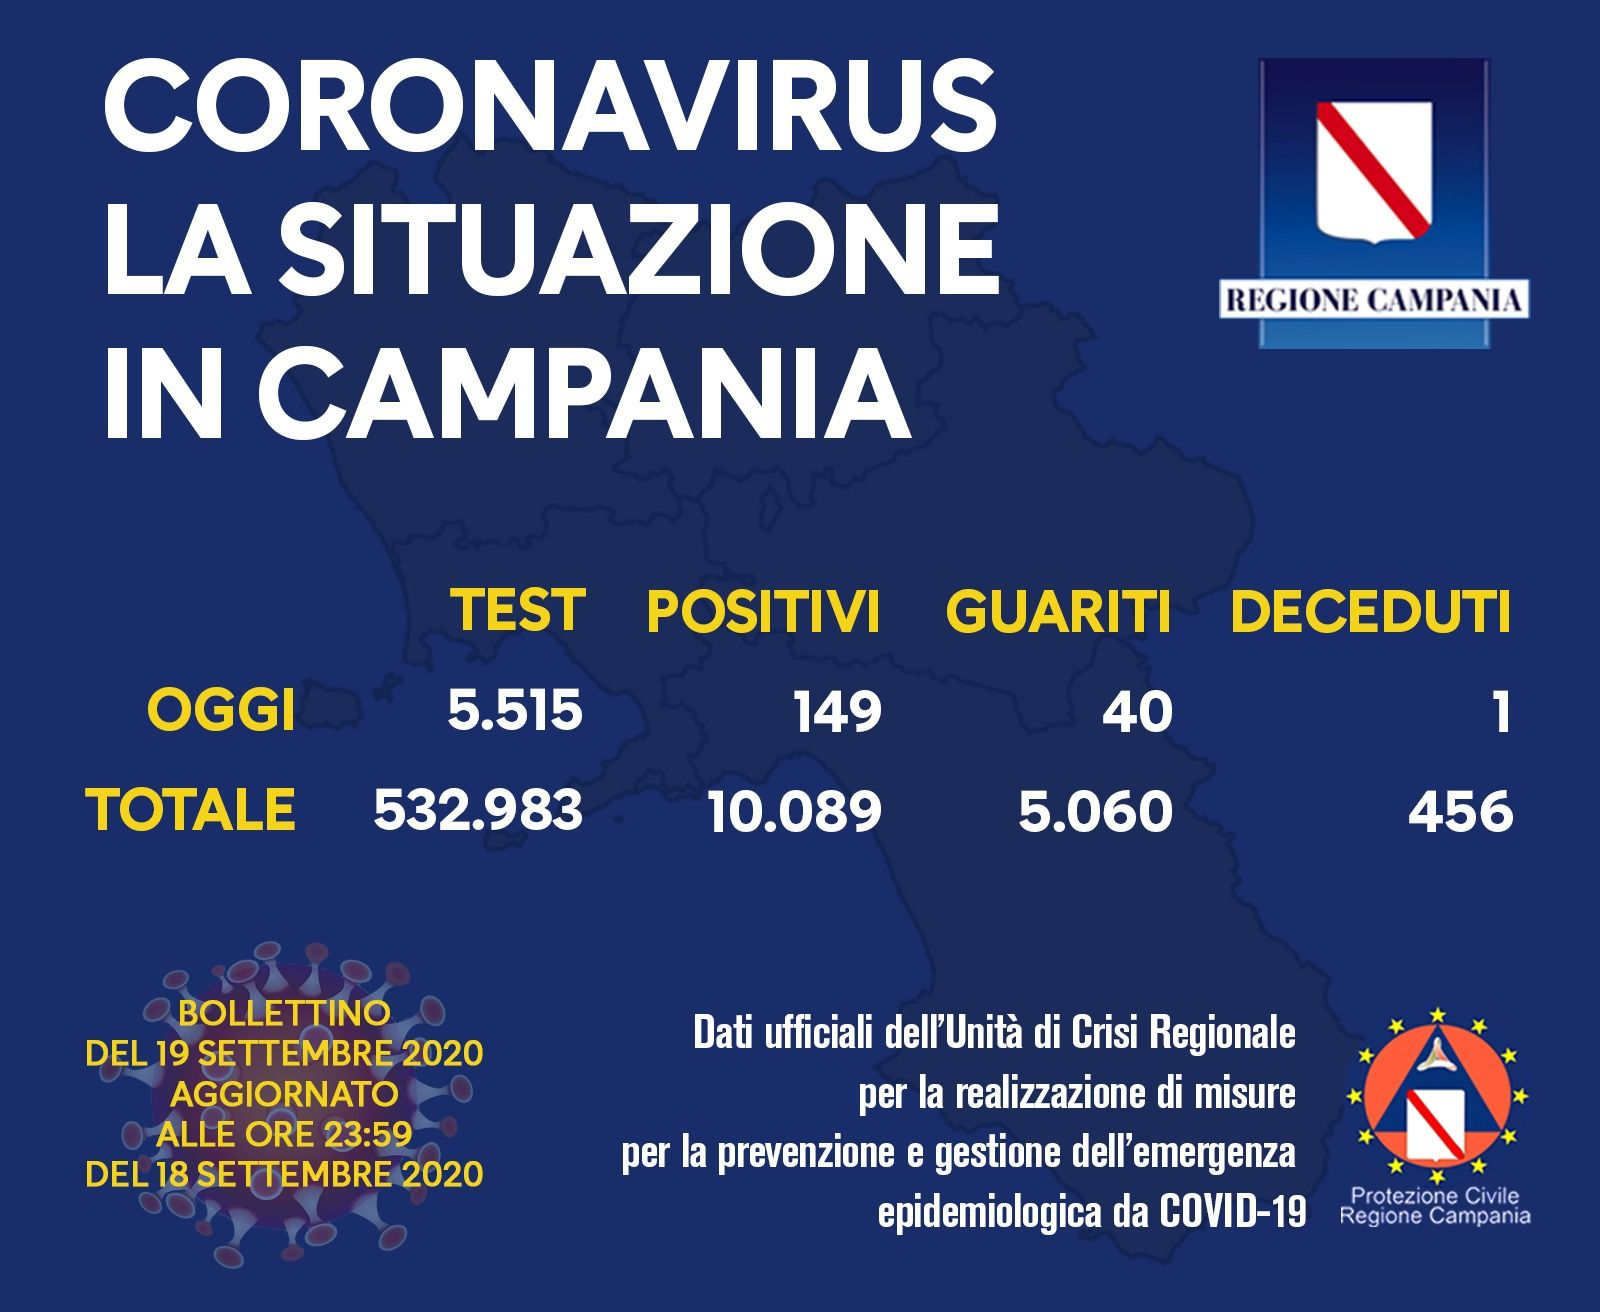 La Campania quarta regione d'Italia per contagi: sono 149 (ma con pochi tamponi in percentuale)